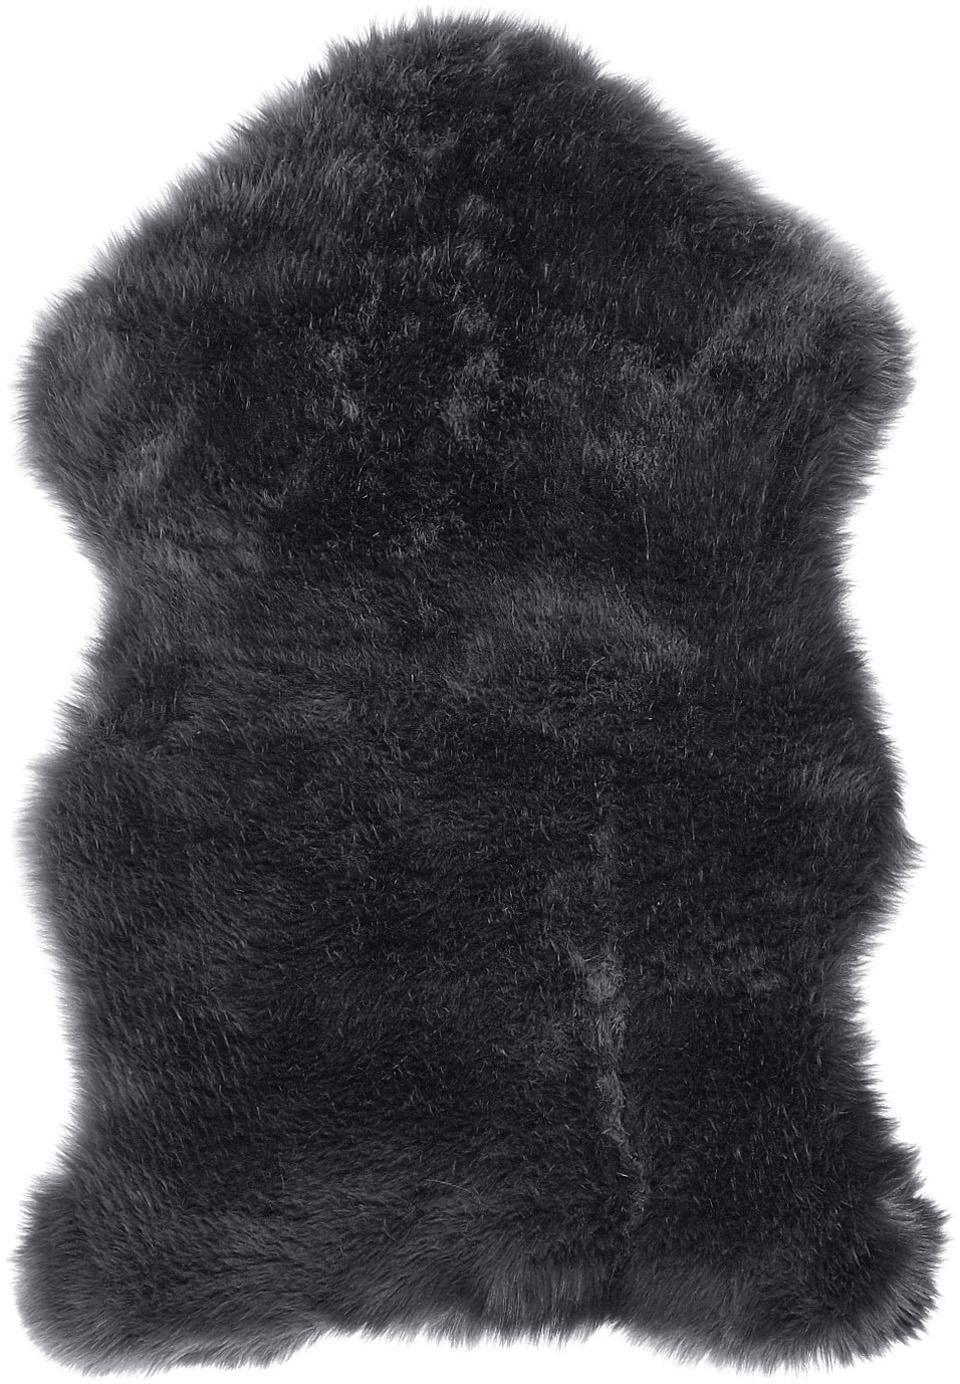 Ecopelliccia liscia Mathilde, Retro: 100% poliestere, Grigio scuro, Larg. 60 x Lung. 90 cm